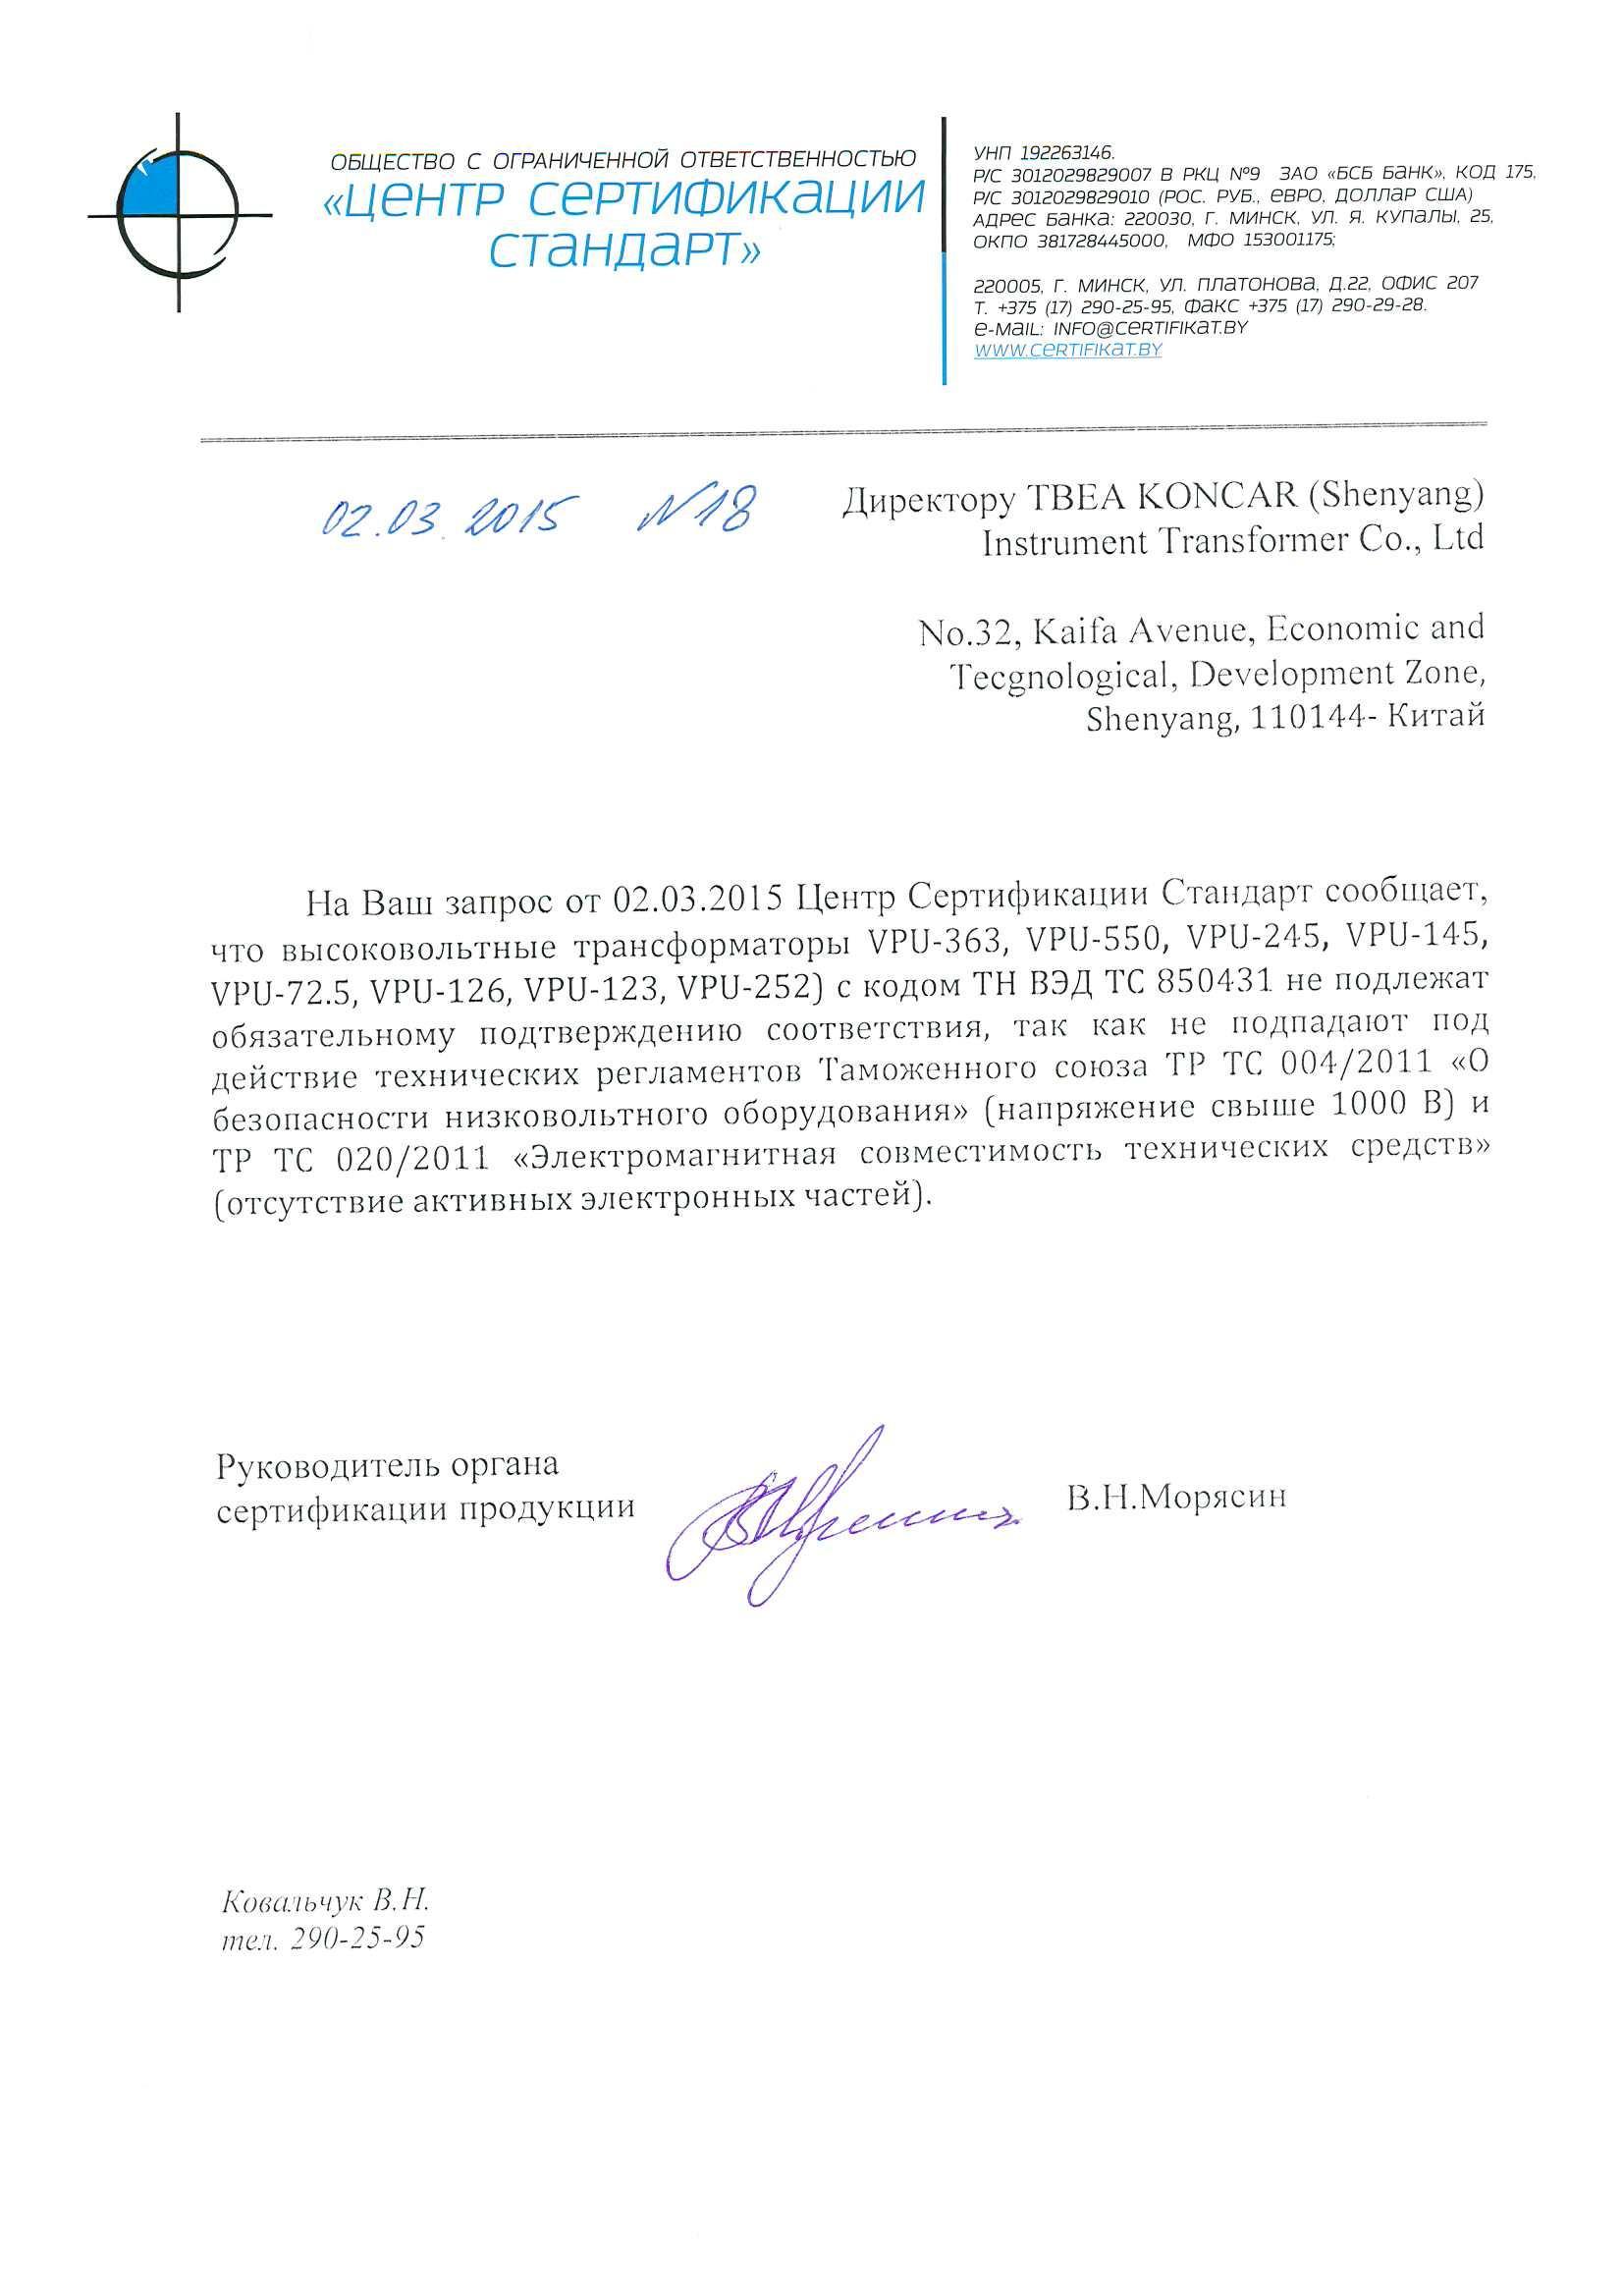 白俄罗斯豁免函,白俄罗斯认证,白俄罗斯证书,白俄罗斯STB认证,白俄罗斯GOST-B认证,白俄罗斯产品认证